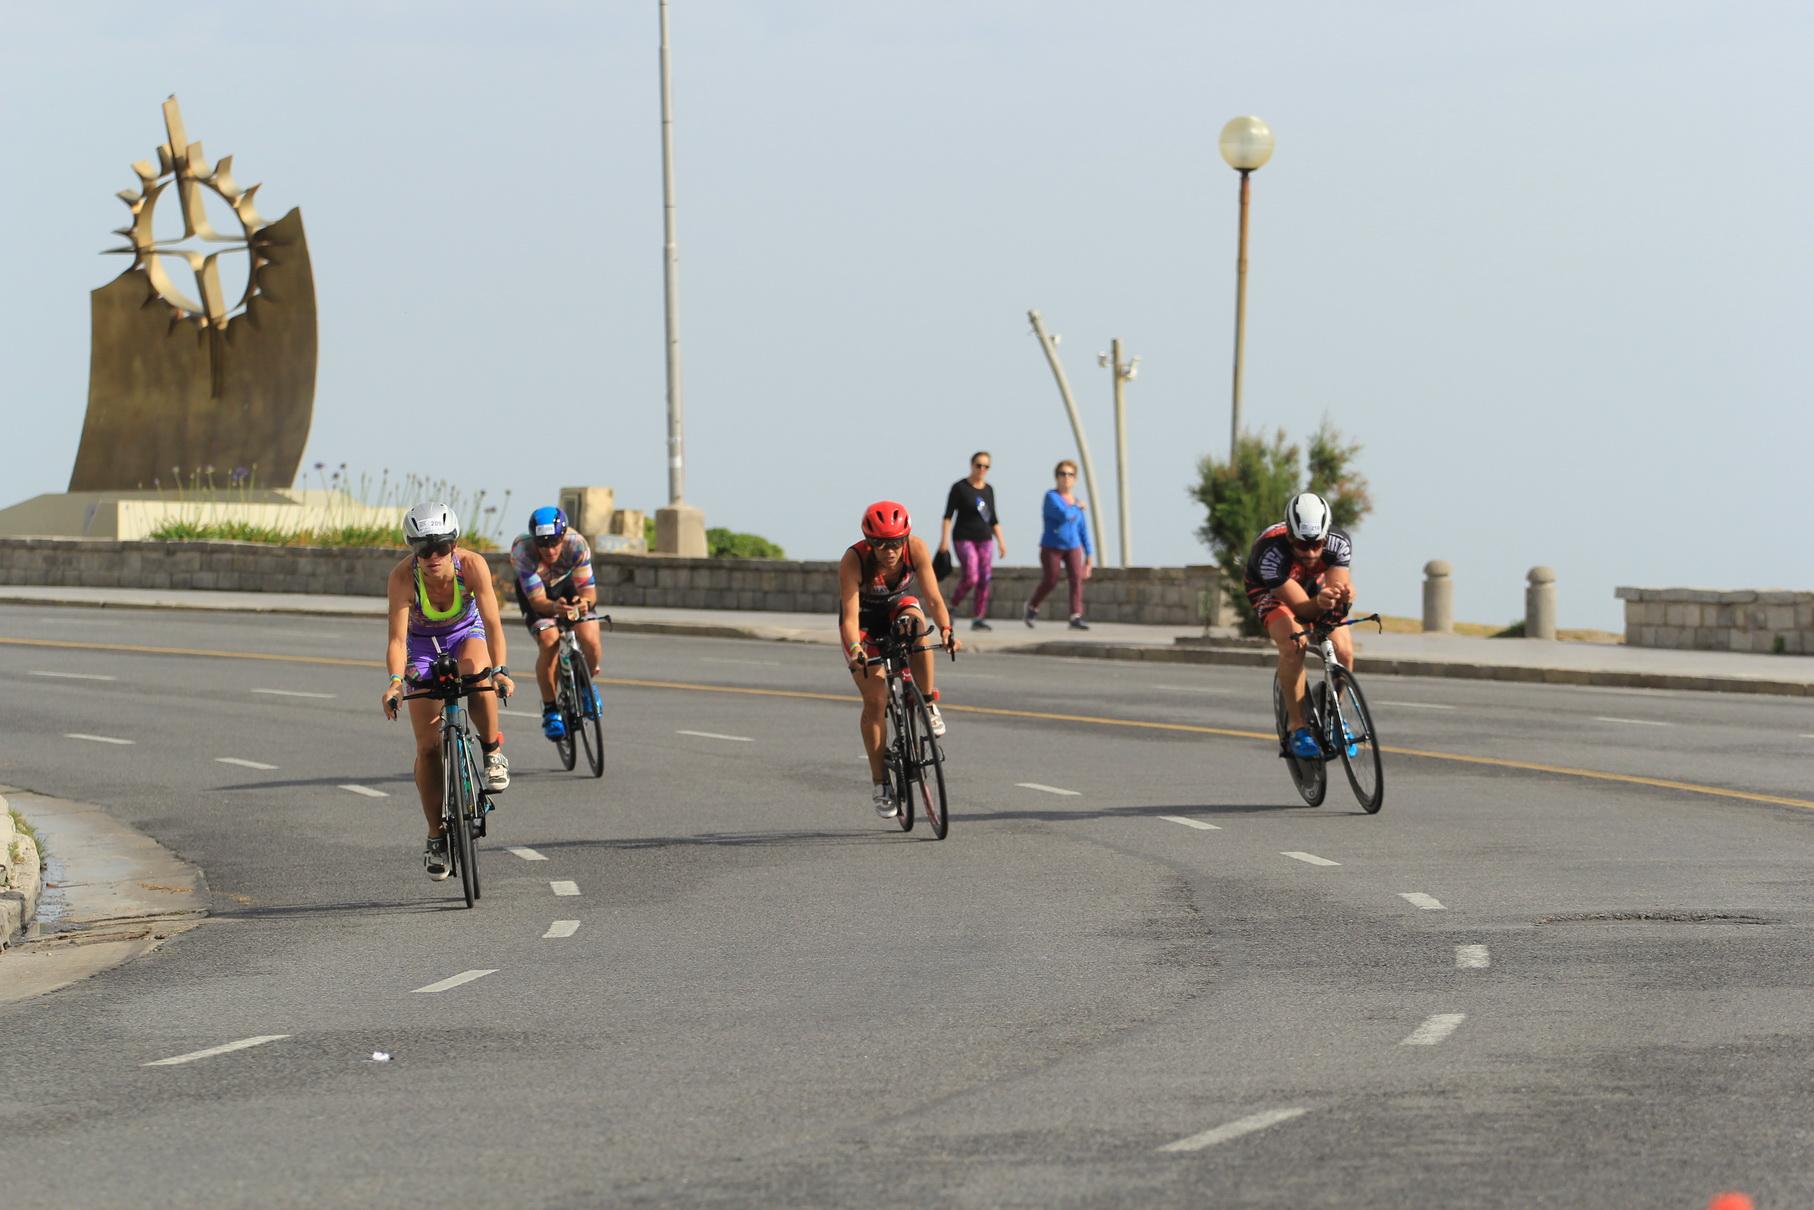 El Triatlón Olímpico se viene con todo. #LaRevancha en Mar del Plata